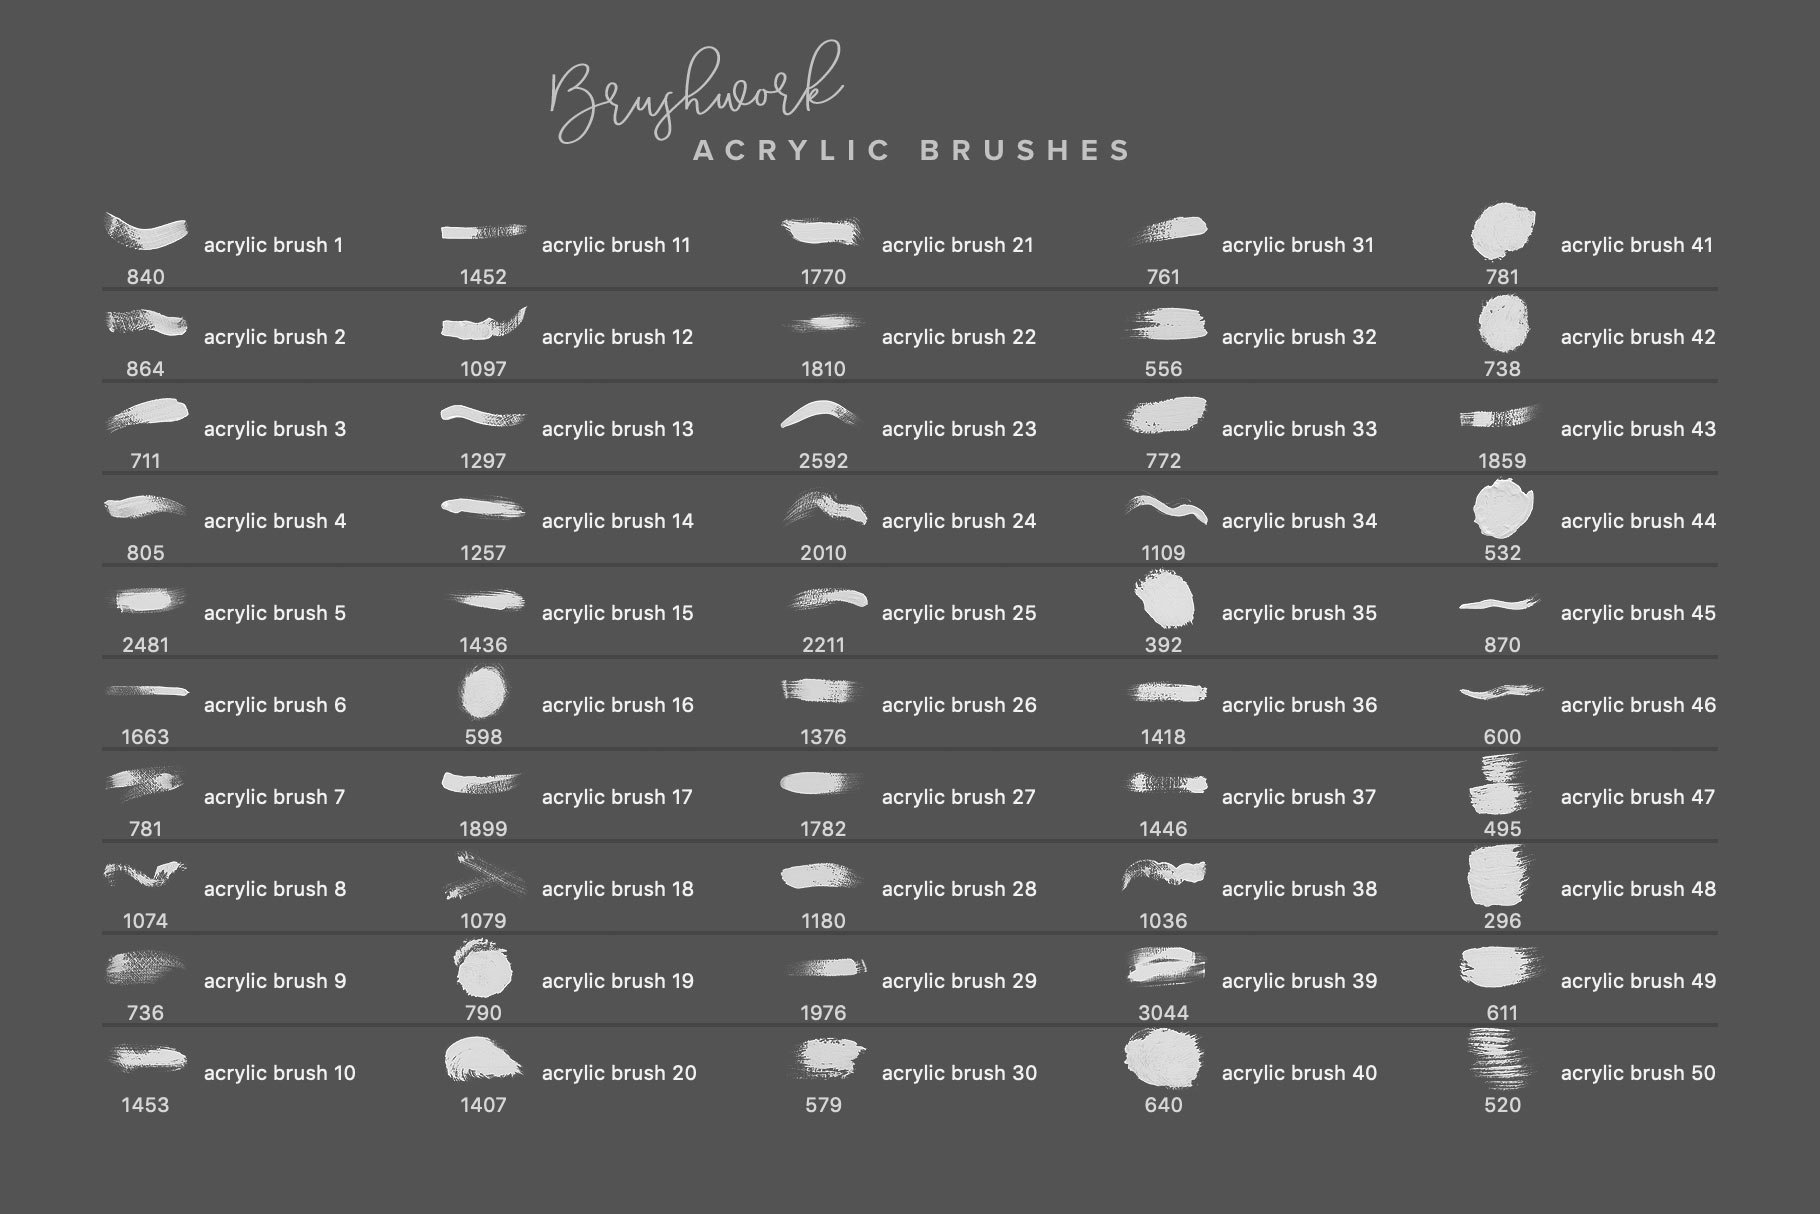 224款毛笔笔触水彩艺术绘画PS&Procreate笔刷素材 Brushwork PS & Procreate Brushes插图6